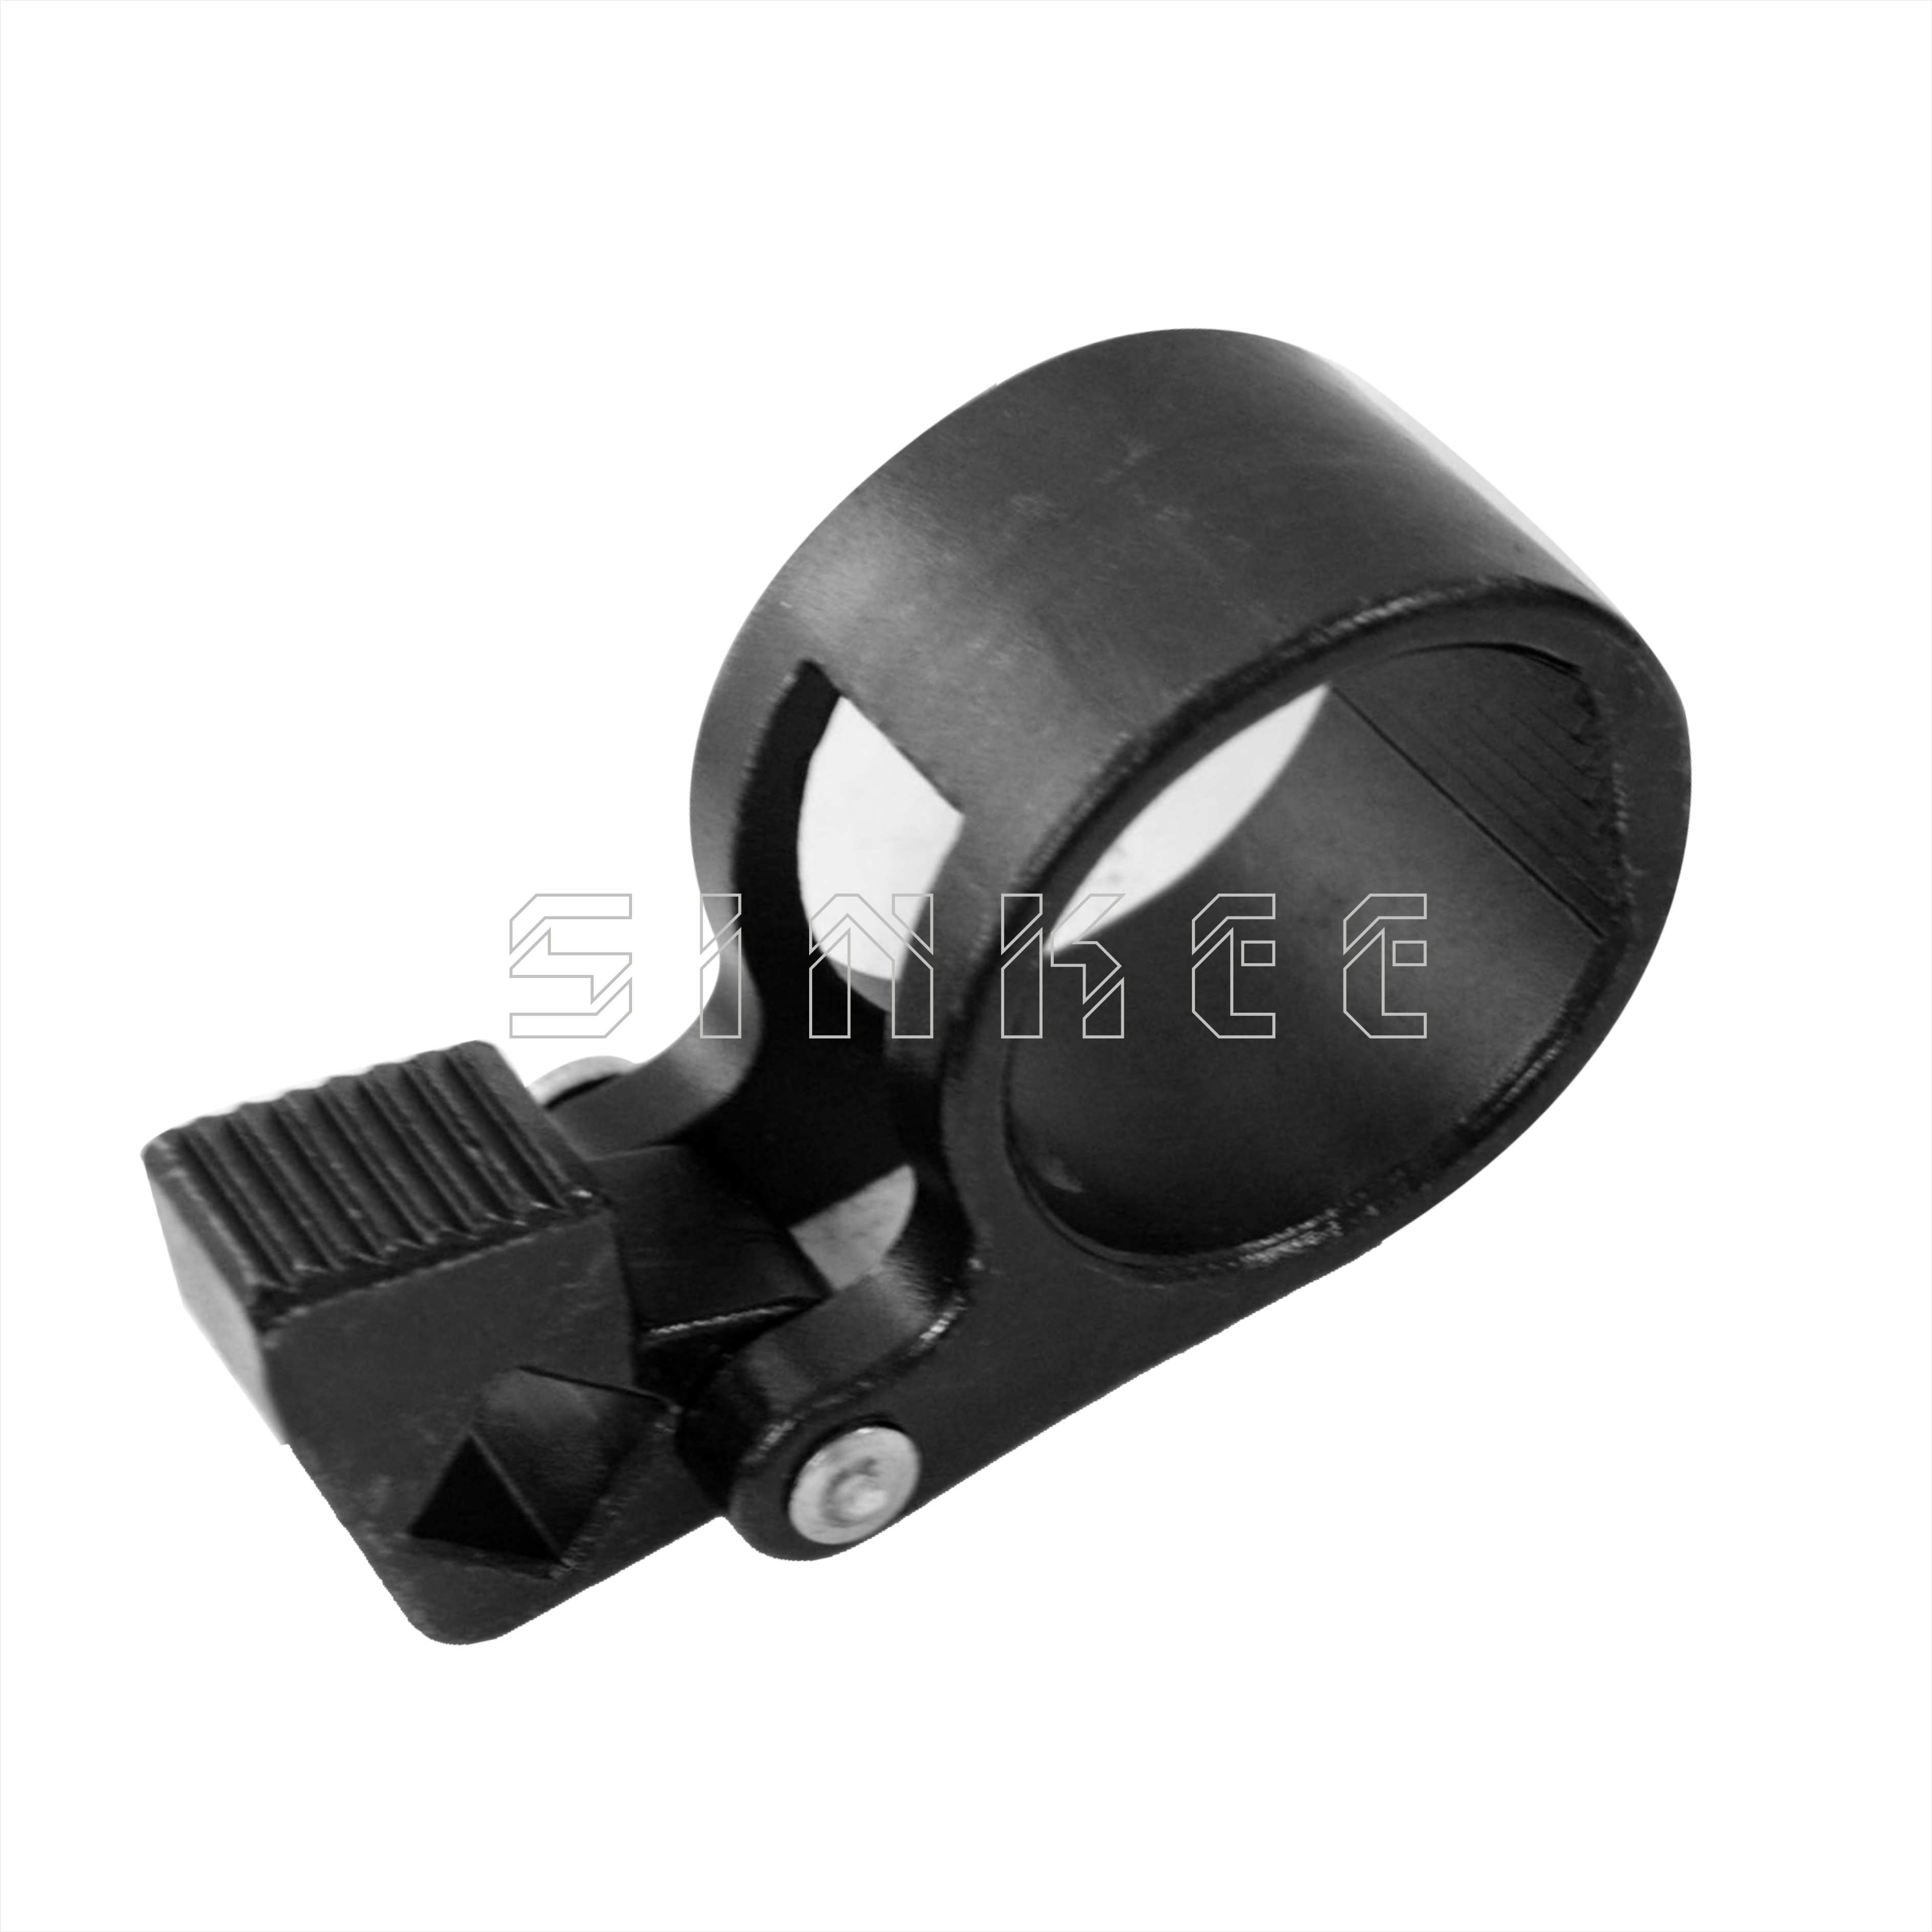 Prix pour 1/2 pouces Cravate Tige Clé 27-42mm Universel Direction Piste Tige Suppression Garage Outil